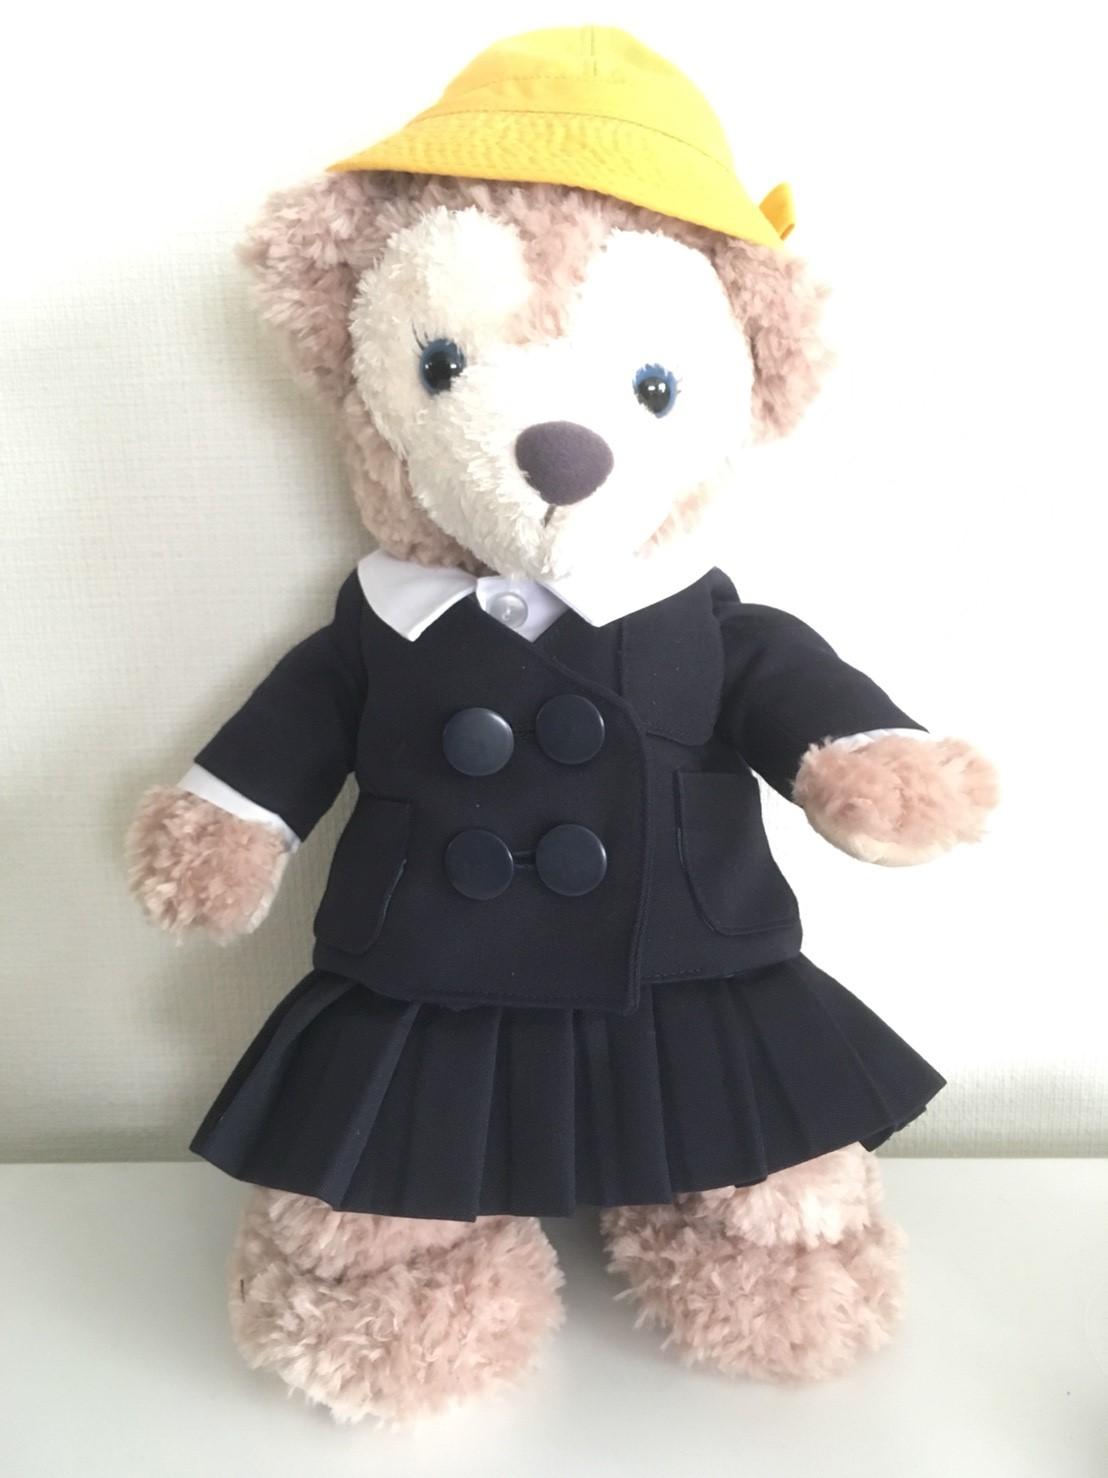 幼稚園のミニチュア制服を着たシェリーメイ